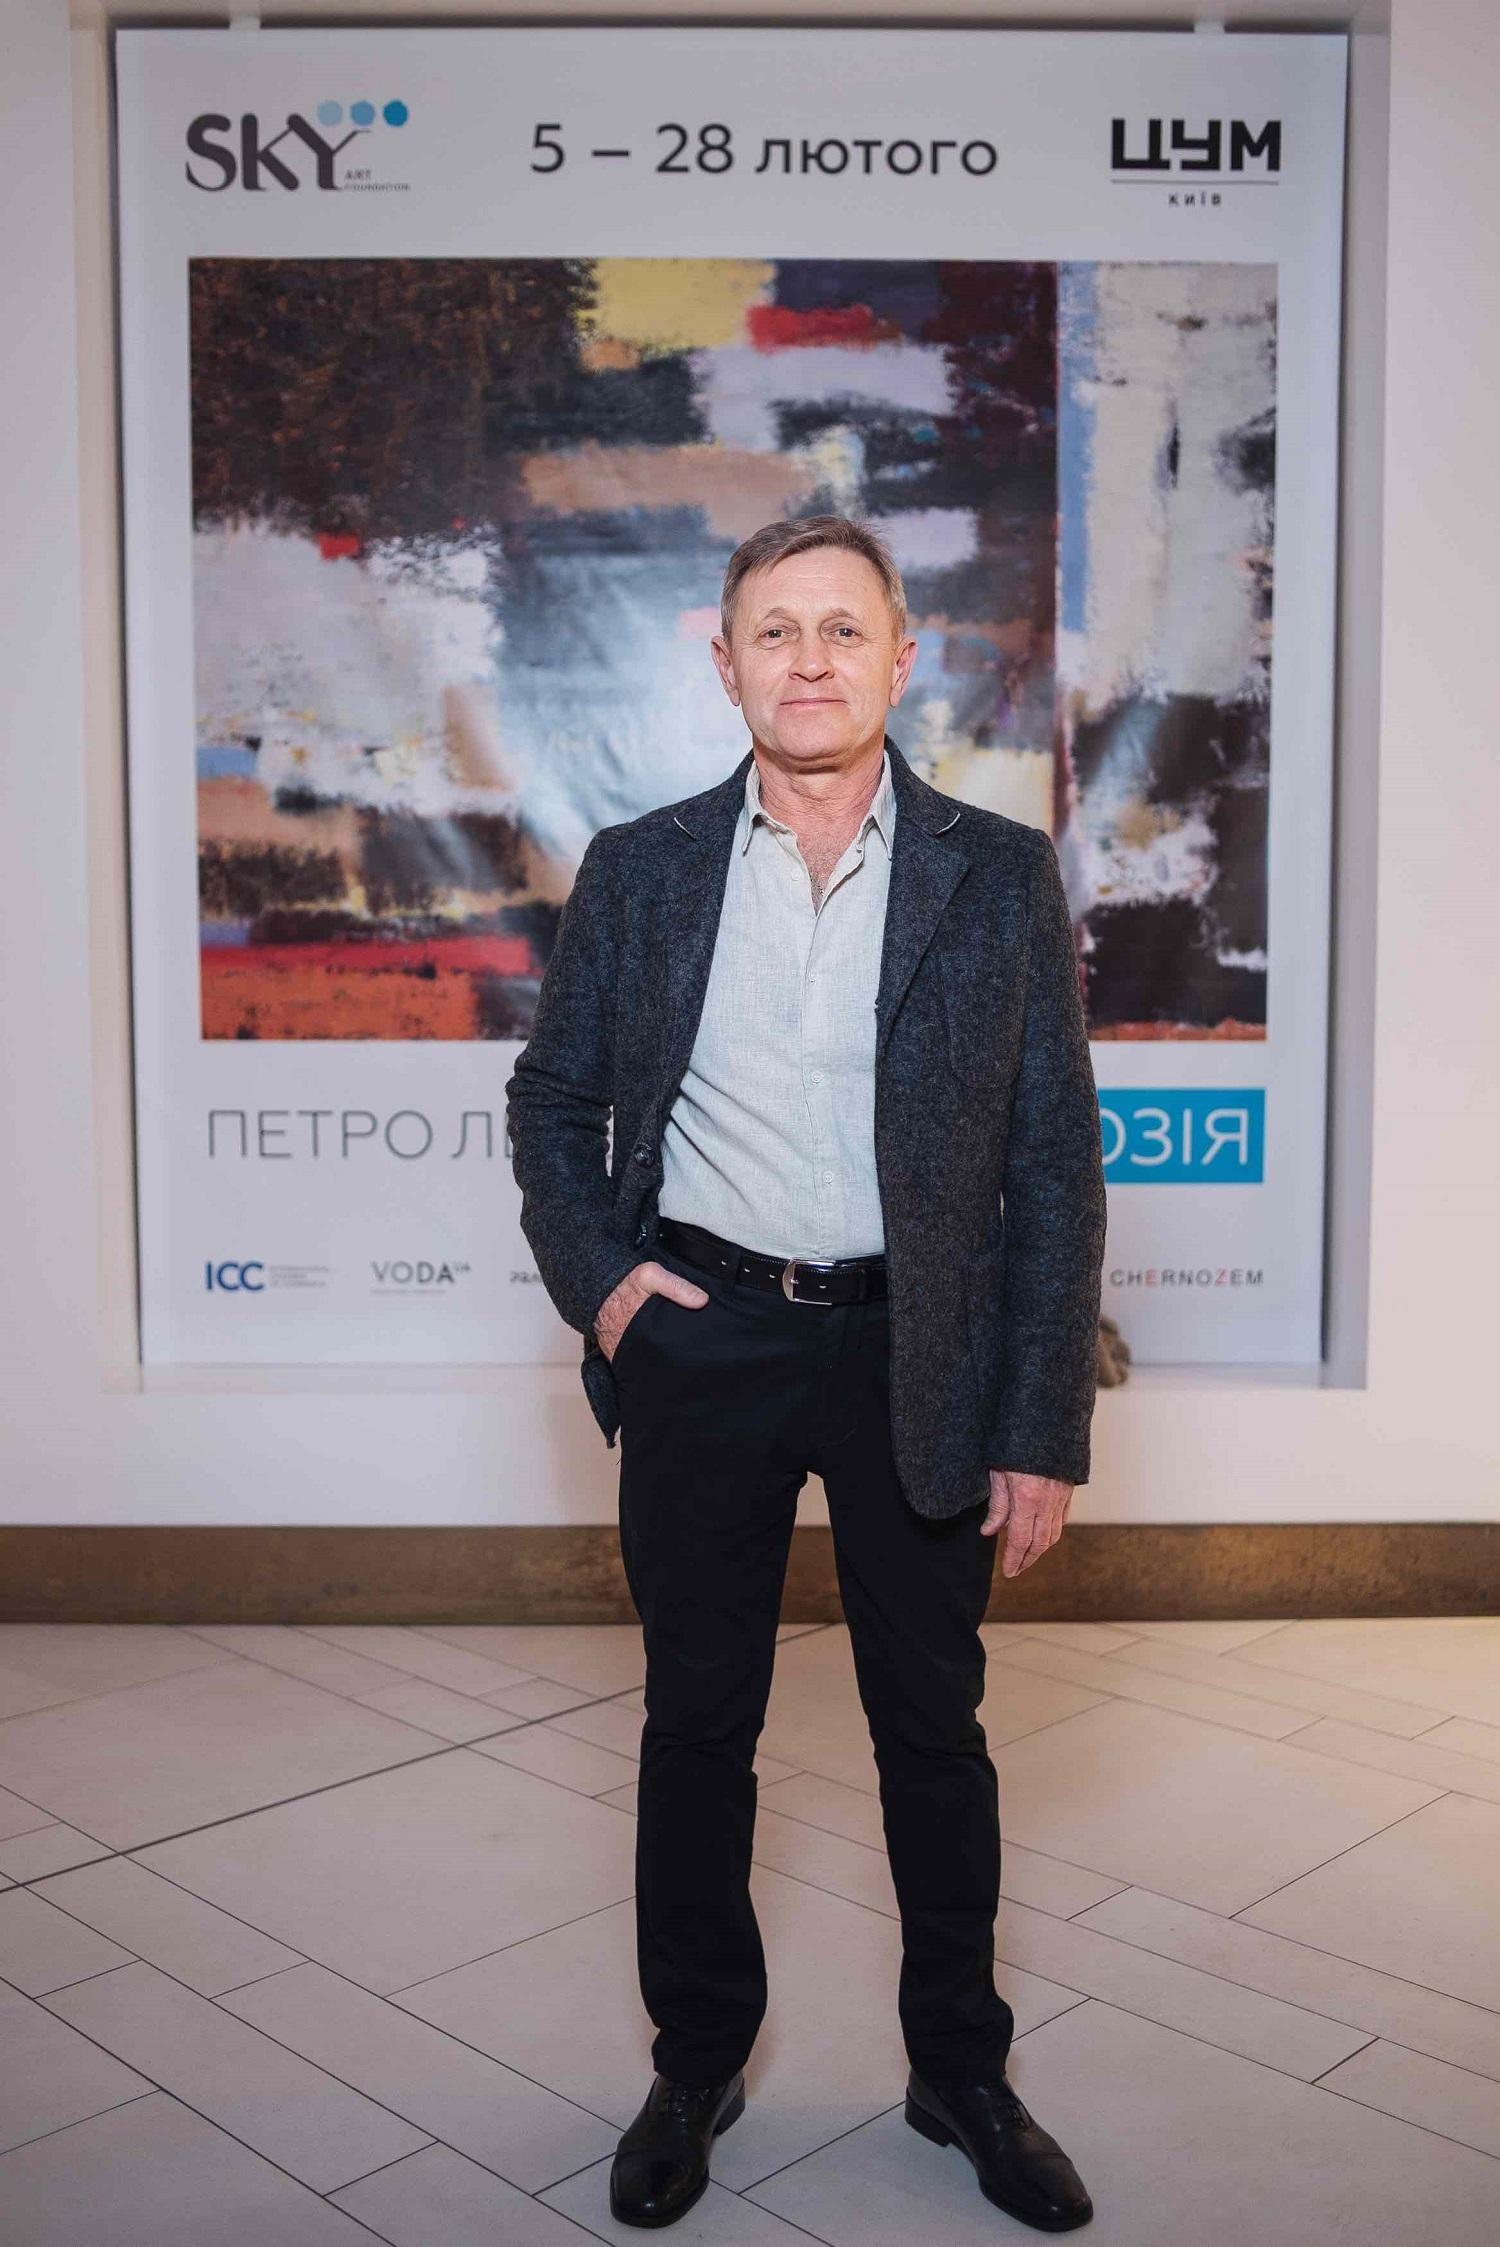 Всемирно известный абстракционист проведет открытую авторскую экскурсию в Киеве